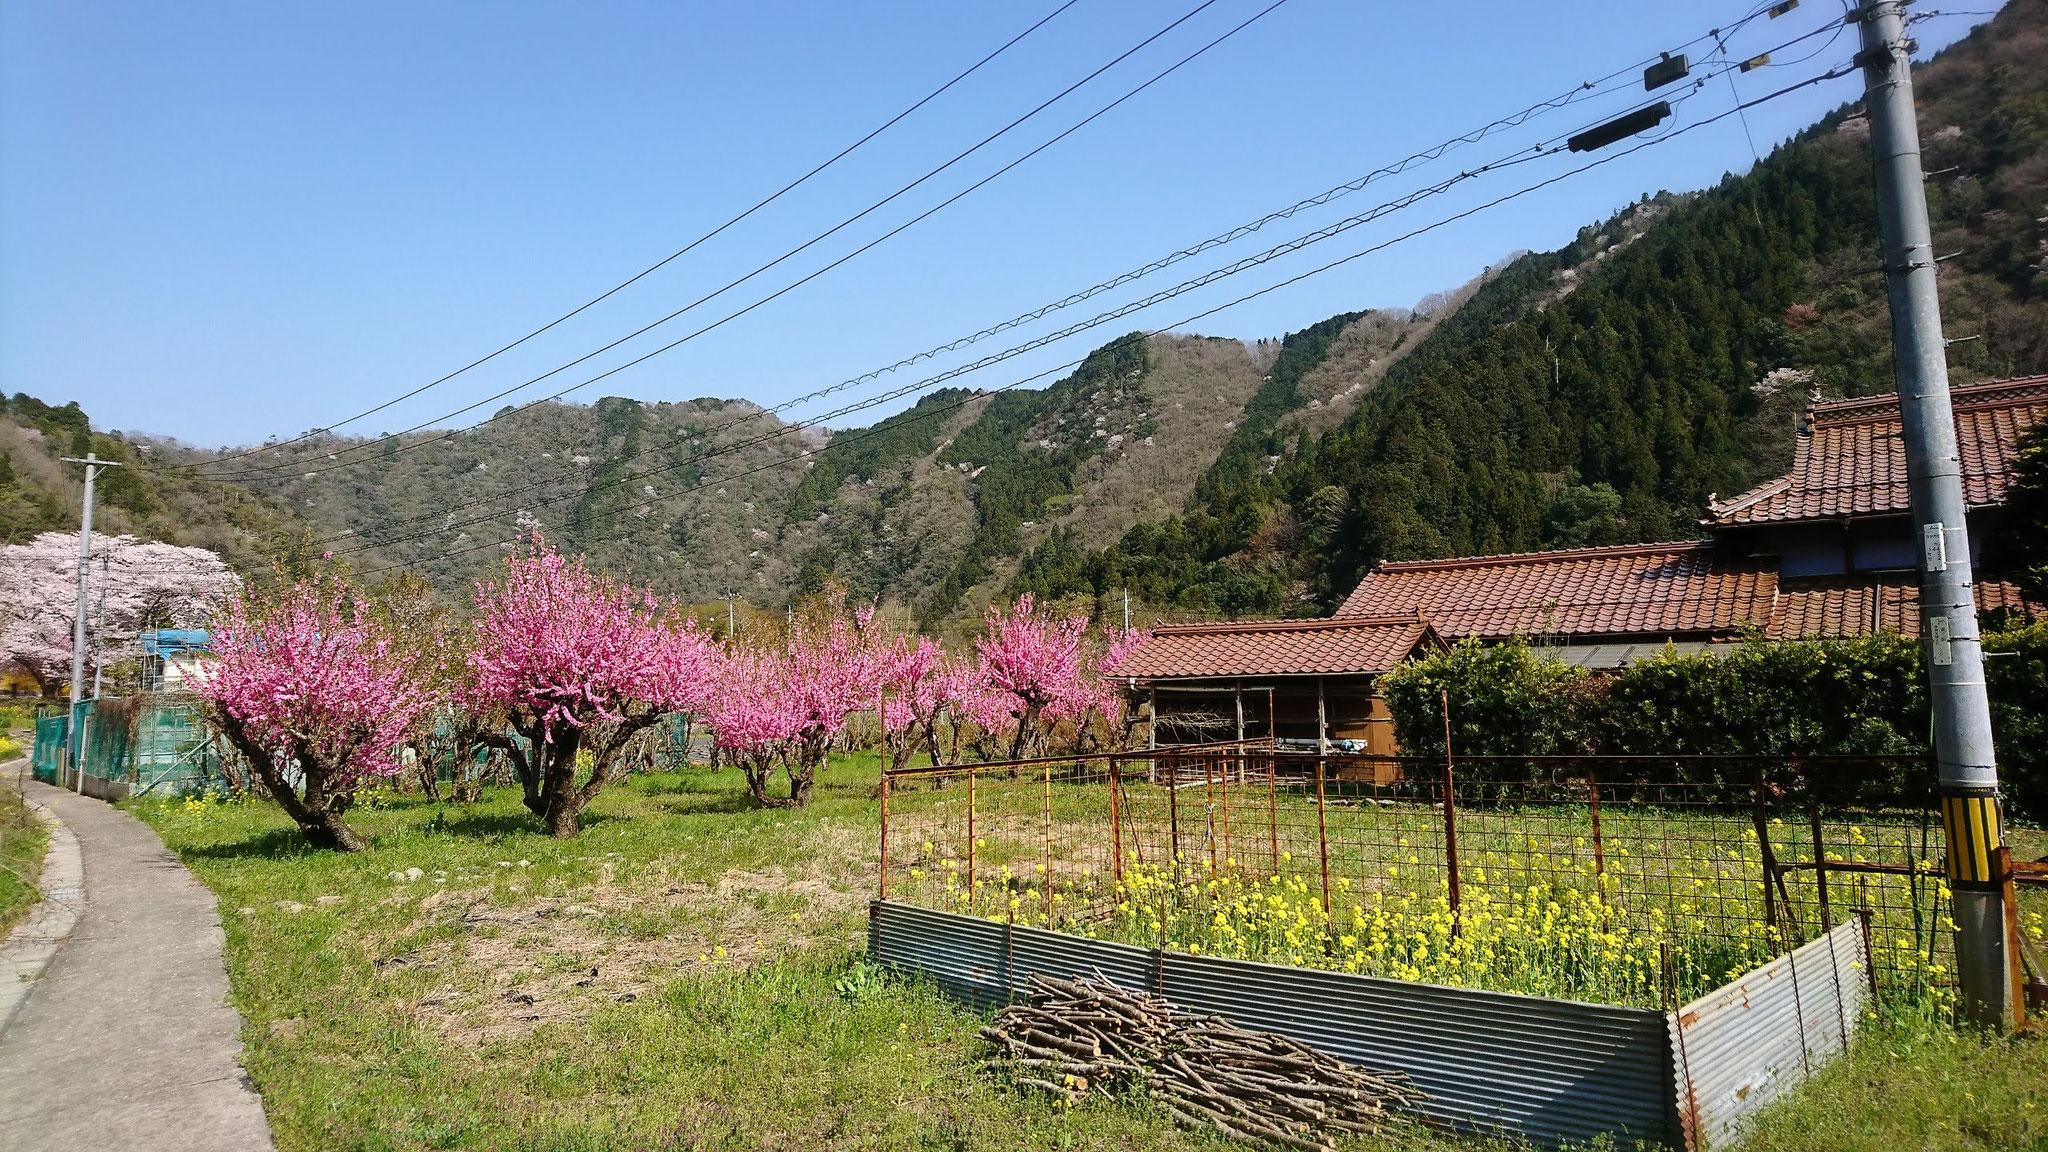 田んぼに植えられたハナモモ